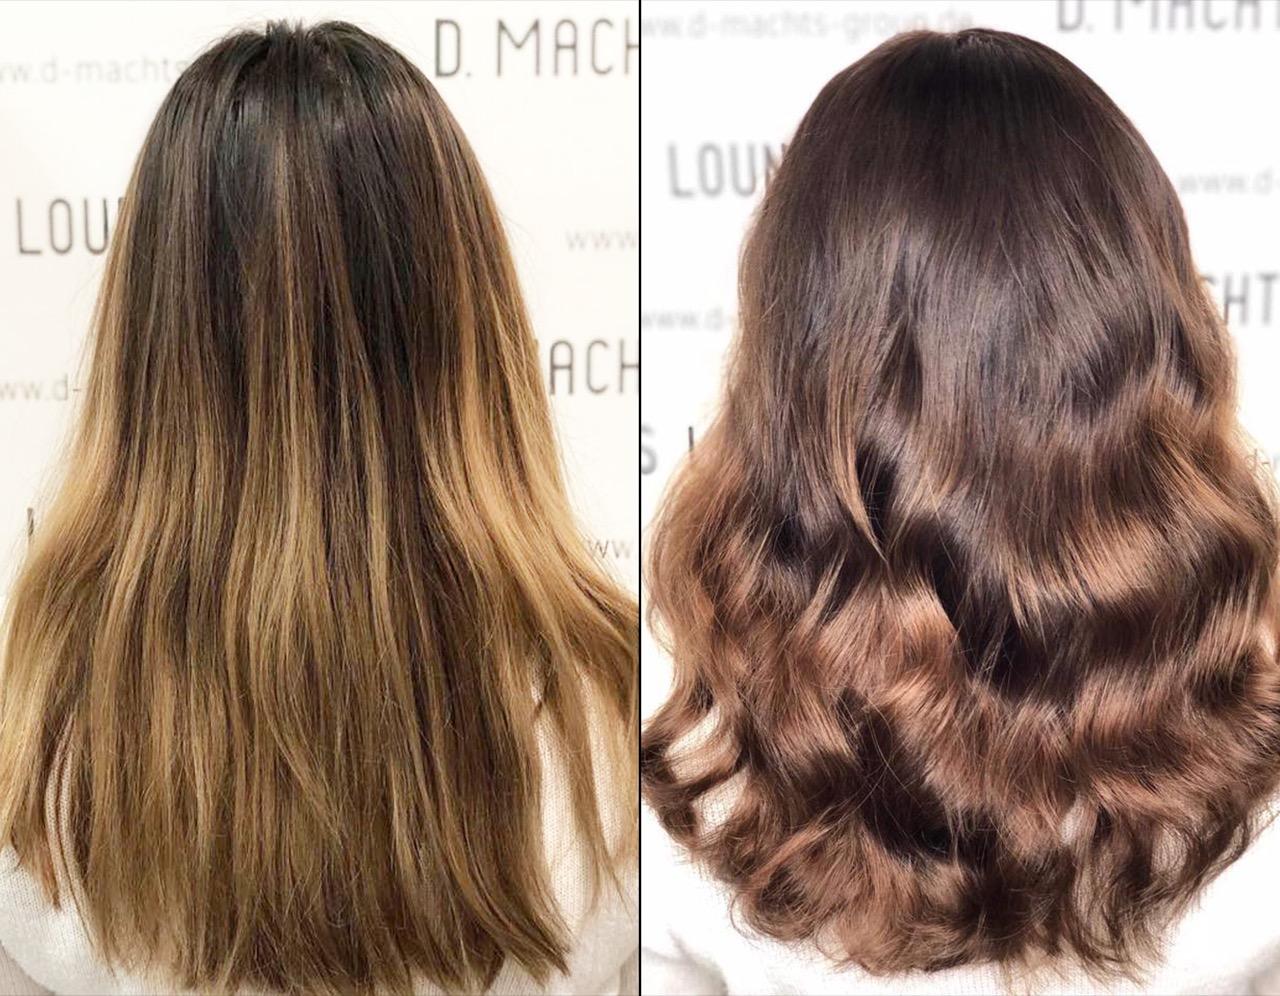 Die TopFrisuren Trends 2019 stehen fest  Haarfarben Haarschnitte und Stylings 2019